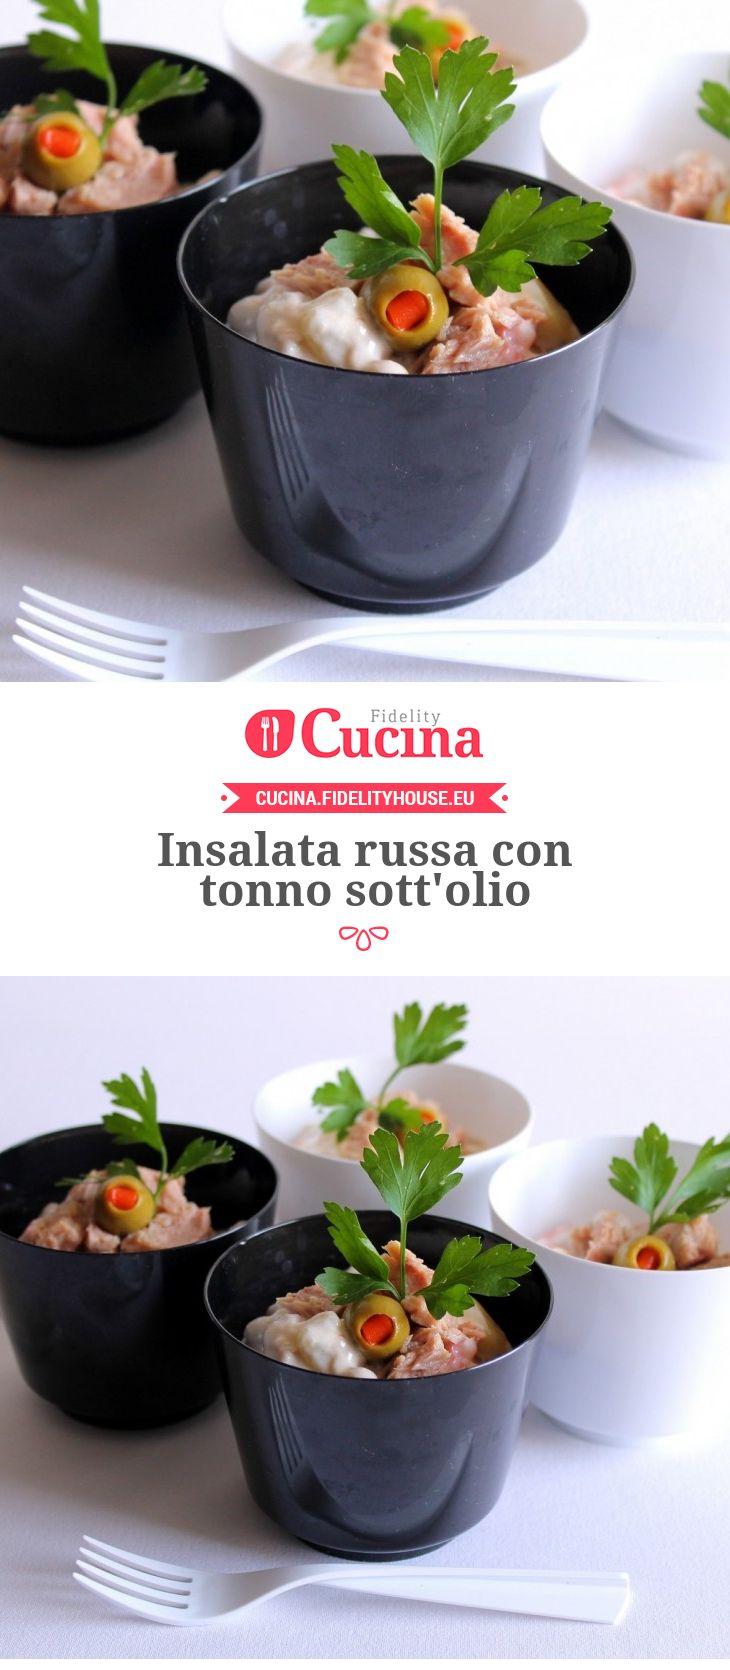 Insalata russa con tonno sott'olio della nostra utente Giovanna. Unisciti alla nostra Community ed invia le tue ricette!